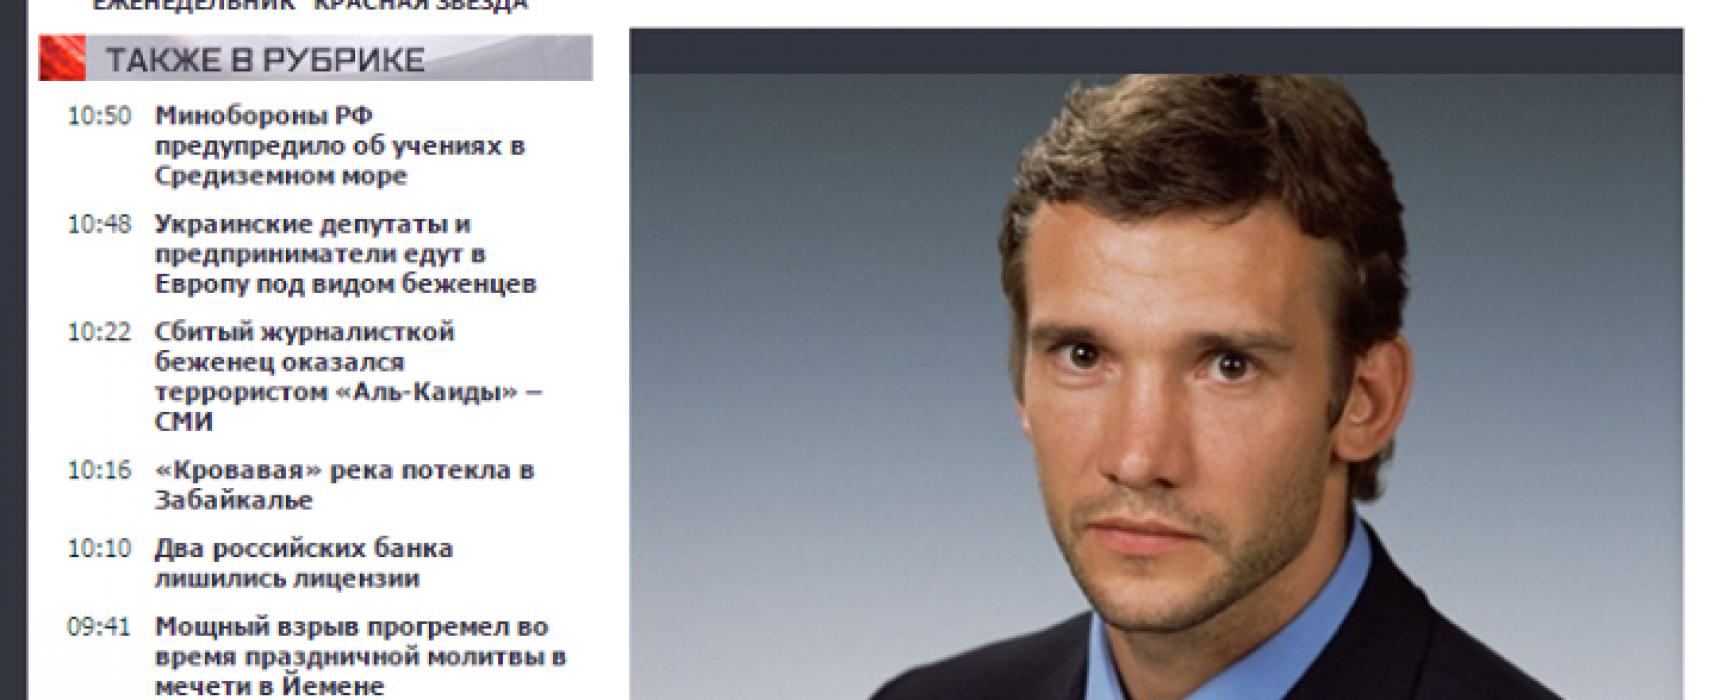 СМИ распространили фотофейк о назначении известного футболиста послом